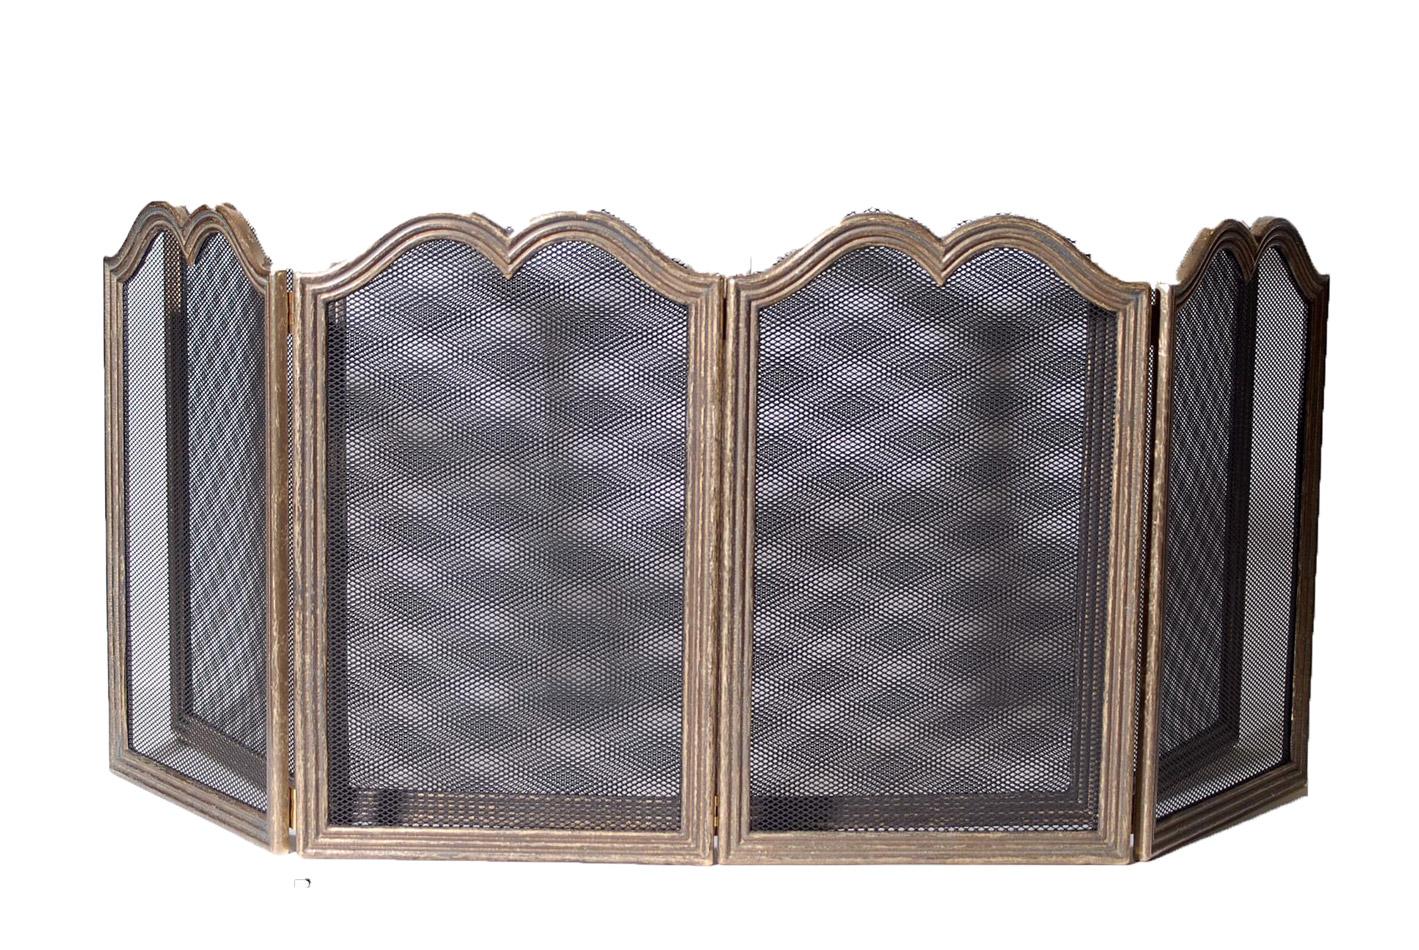 Προστατευτικό Tζακιού Μπρούτζινο Royal Art 100x36εκ. LEB1010BR (Υλικό: Μπρούτζινο) - Royal Art Collection - LEB1010BR